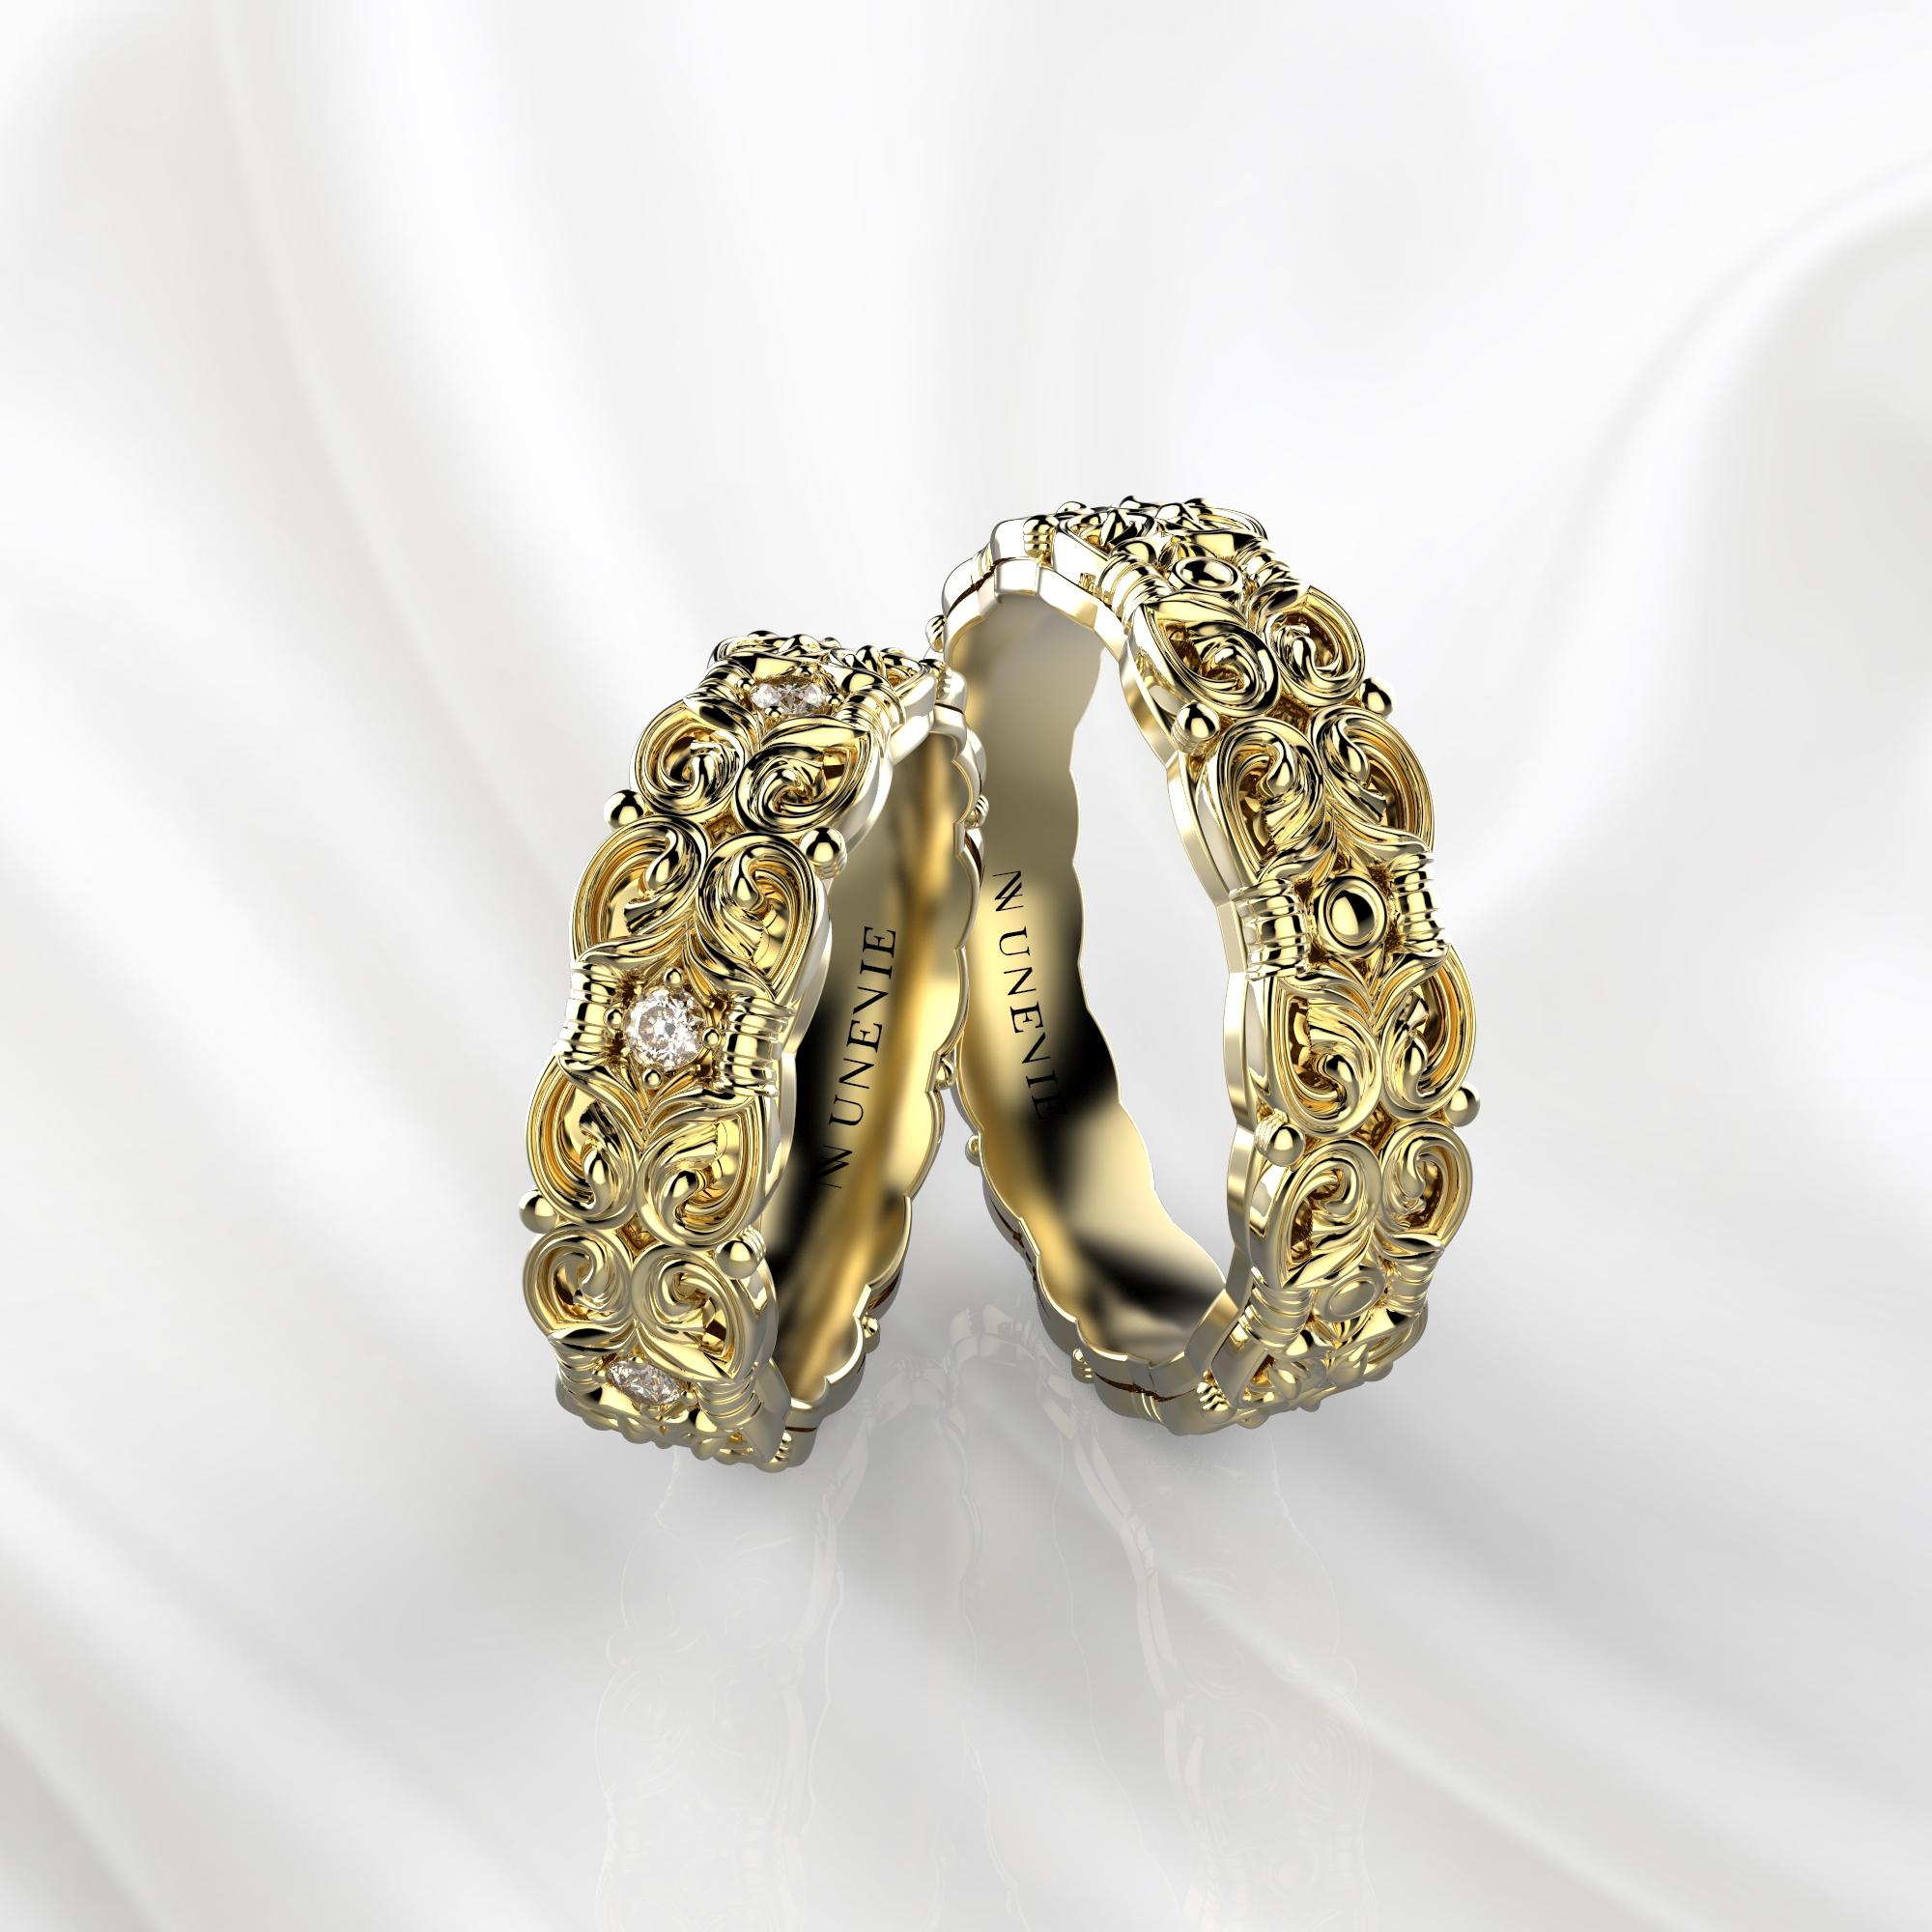 NV67 Парные обручальные кольца из желтого золота с бриллиантами